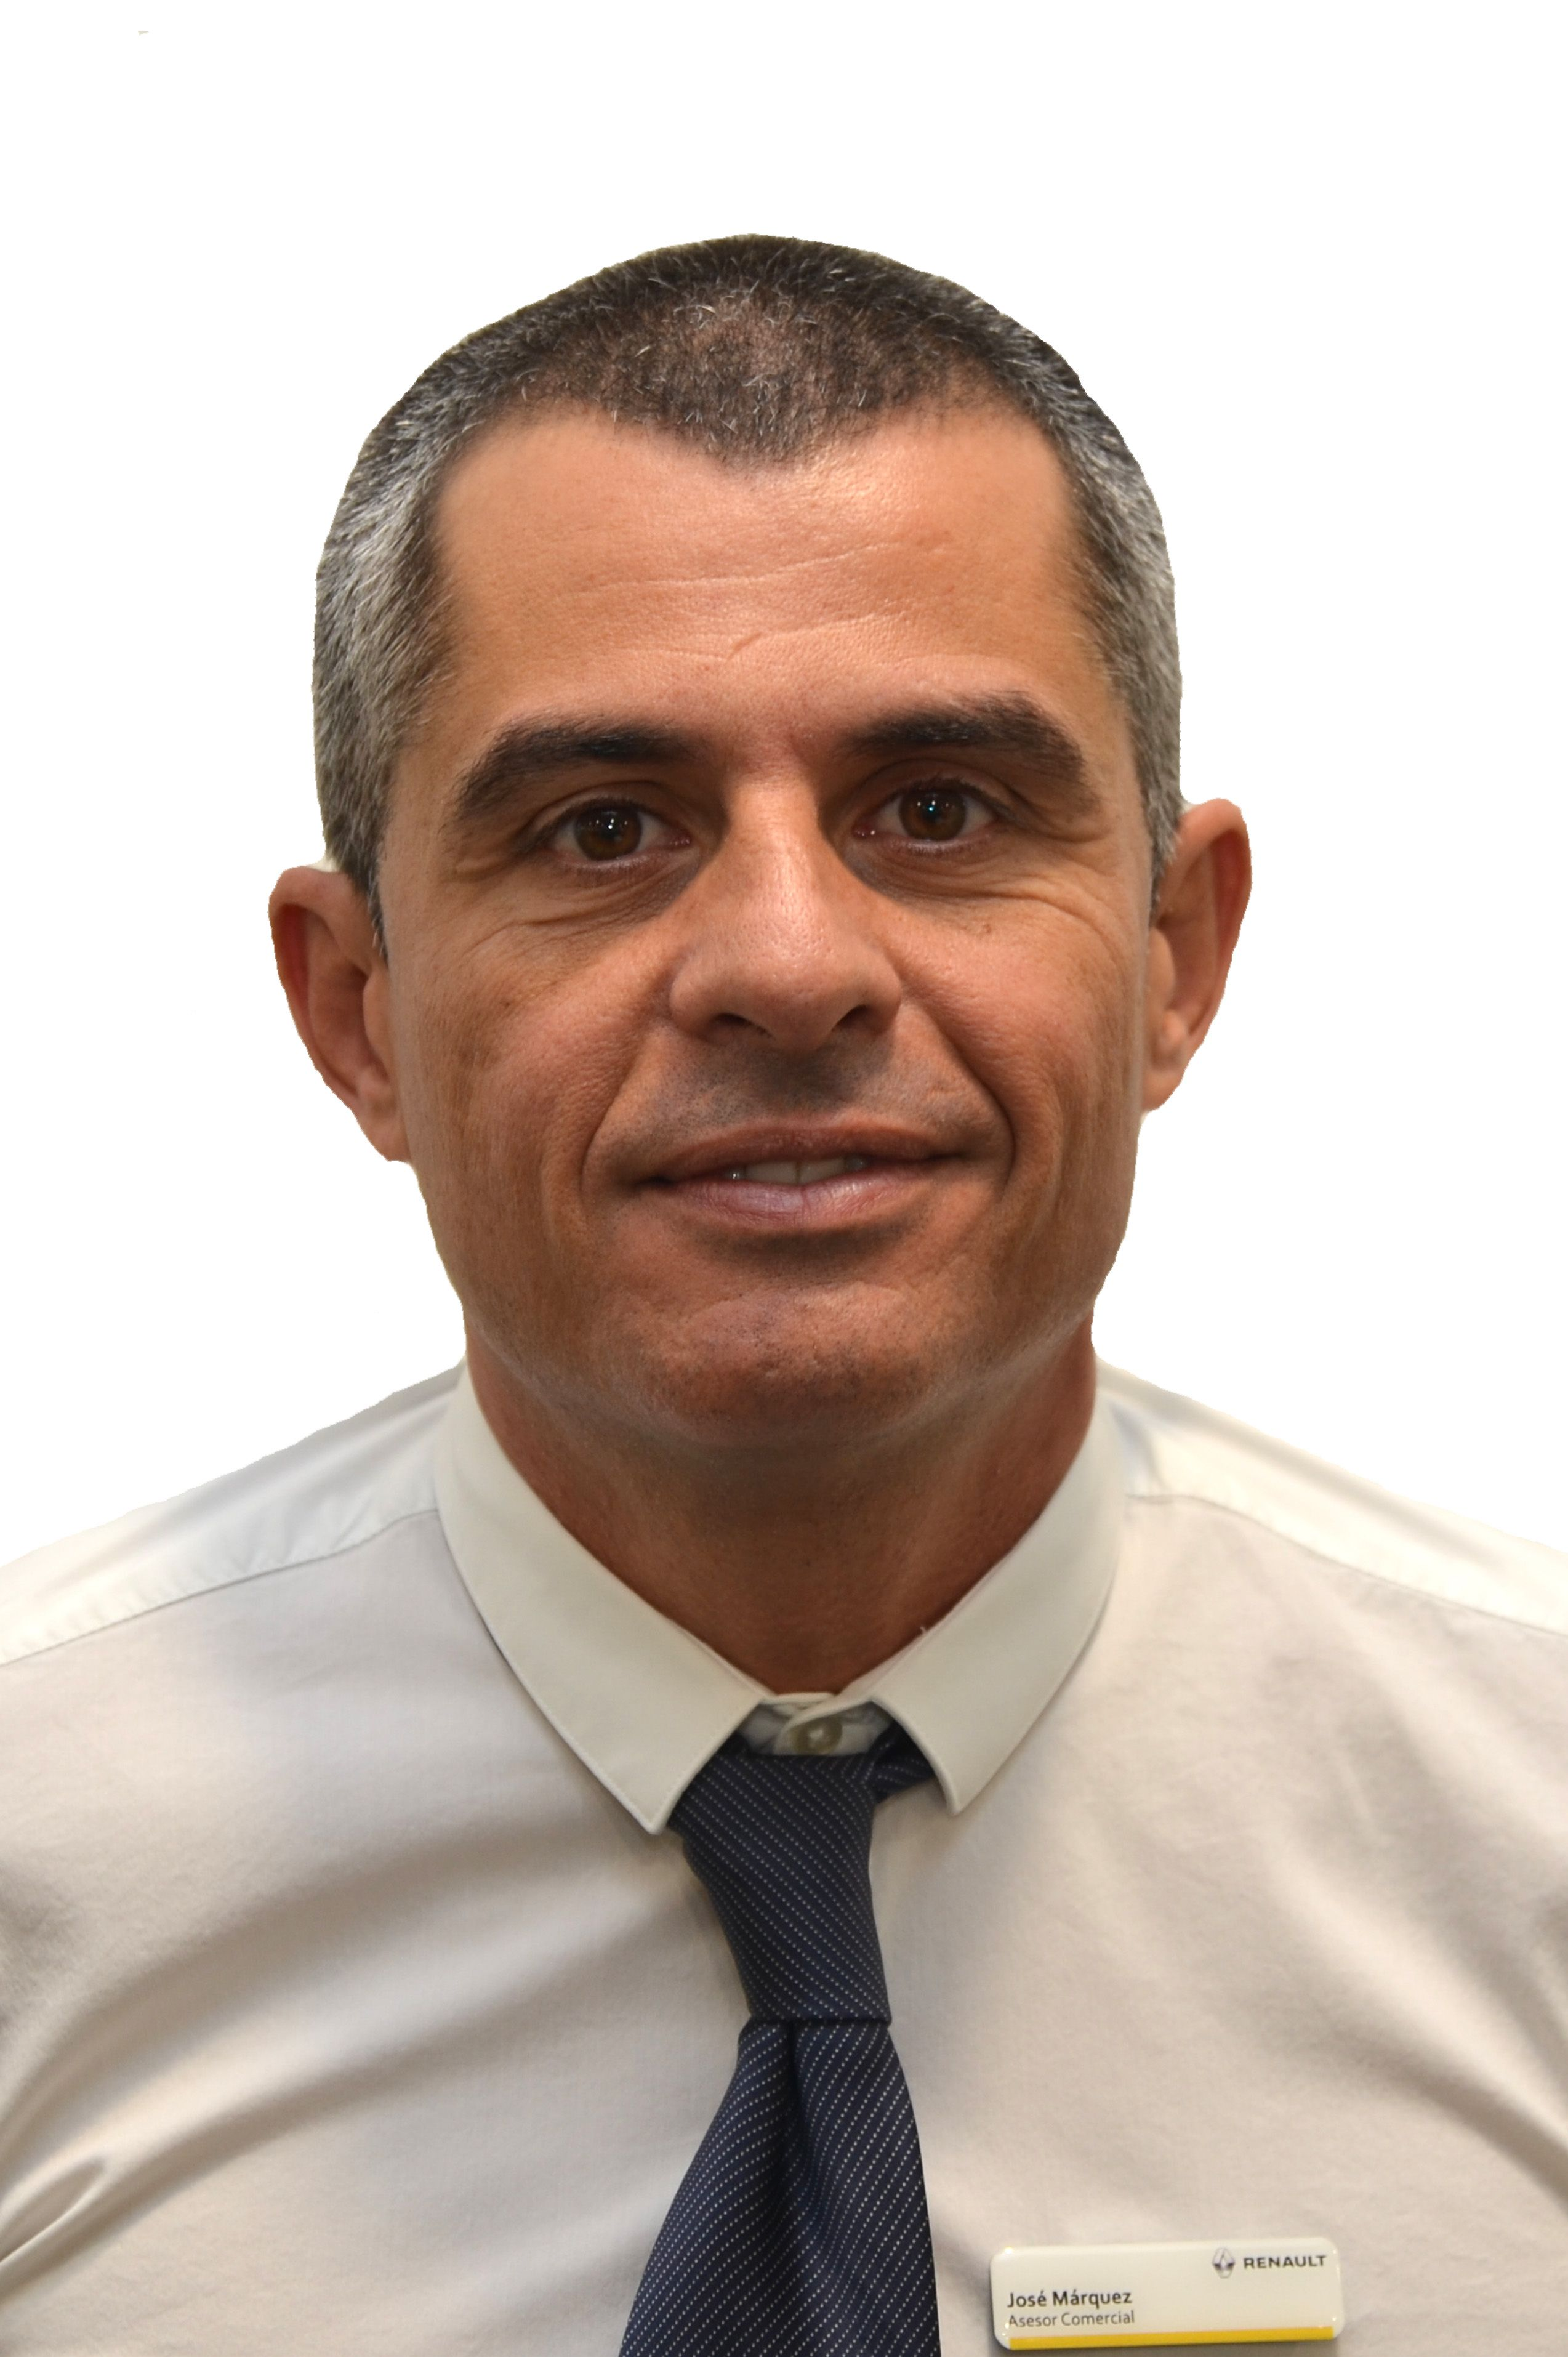 José Ángel Márquez Andino